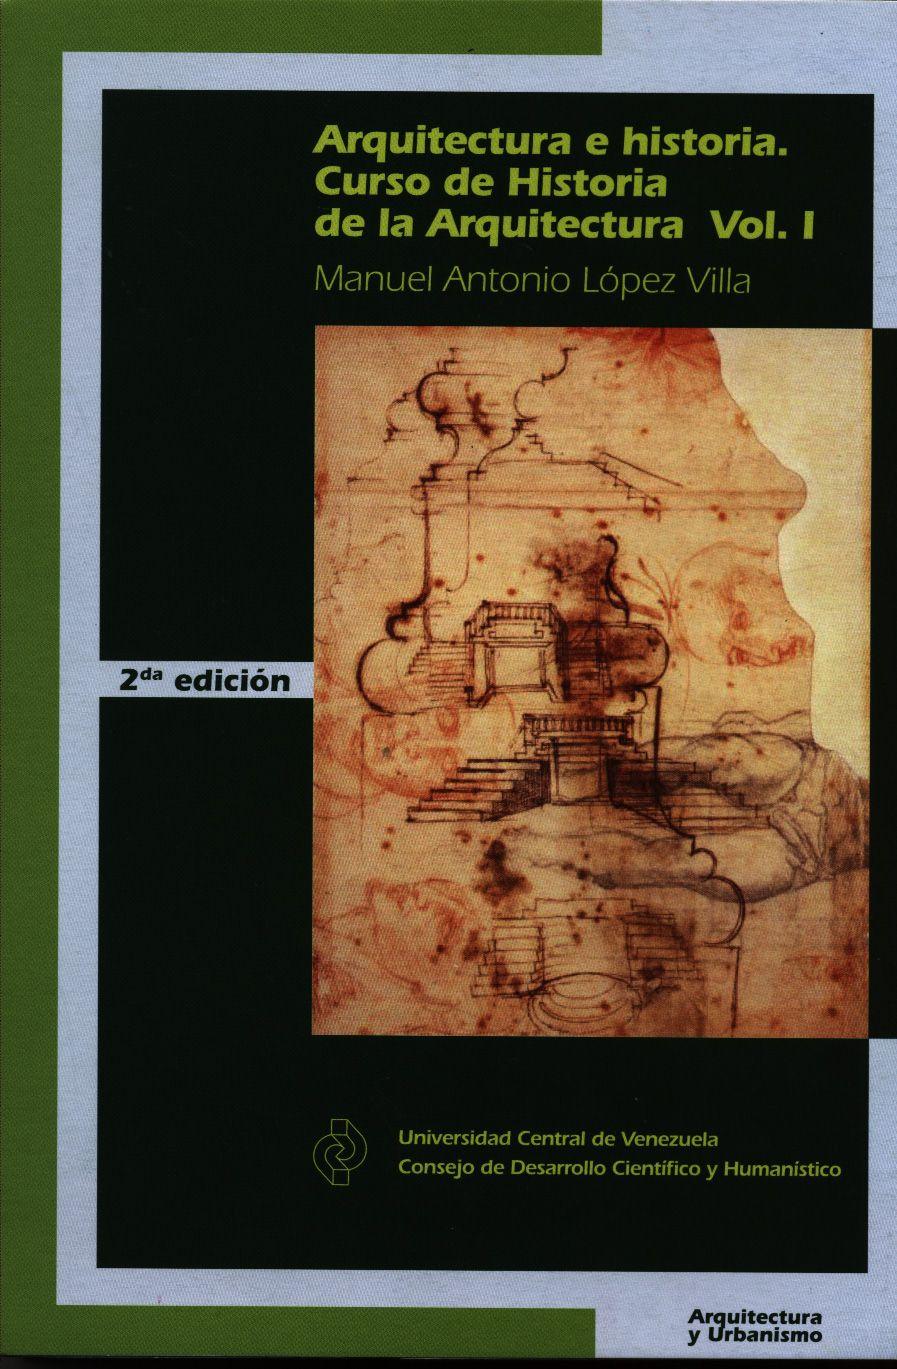 Arquitectura e historia. Curso de Historia de la Arquitectura Vol I. 2da Edición 2012 del Prof. Manuel Antonio López Villa. Fac. de Arquitectura y Urbanismo. CDCH #UCV http://www.cdch-ucv.net/